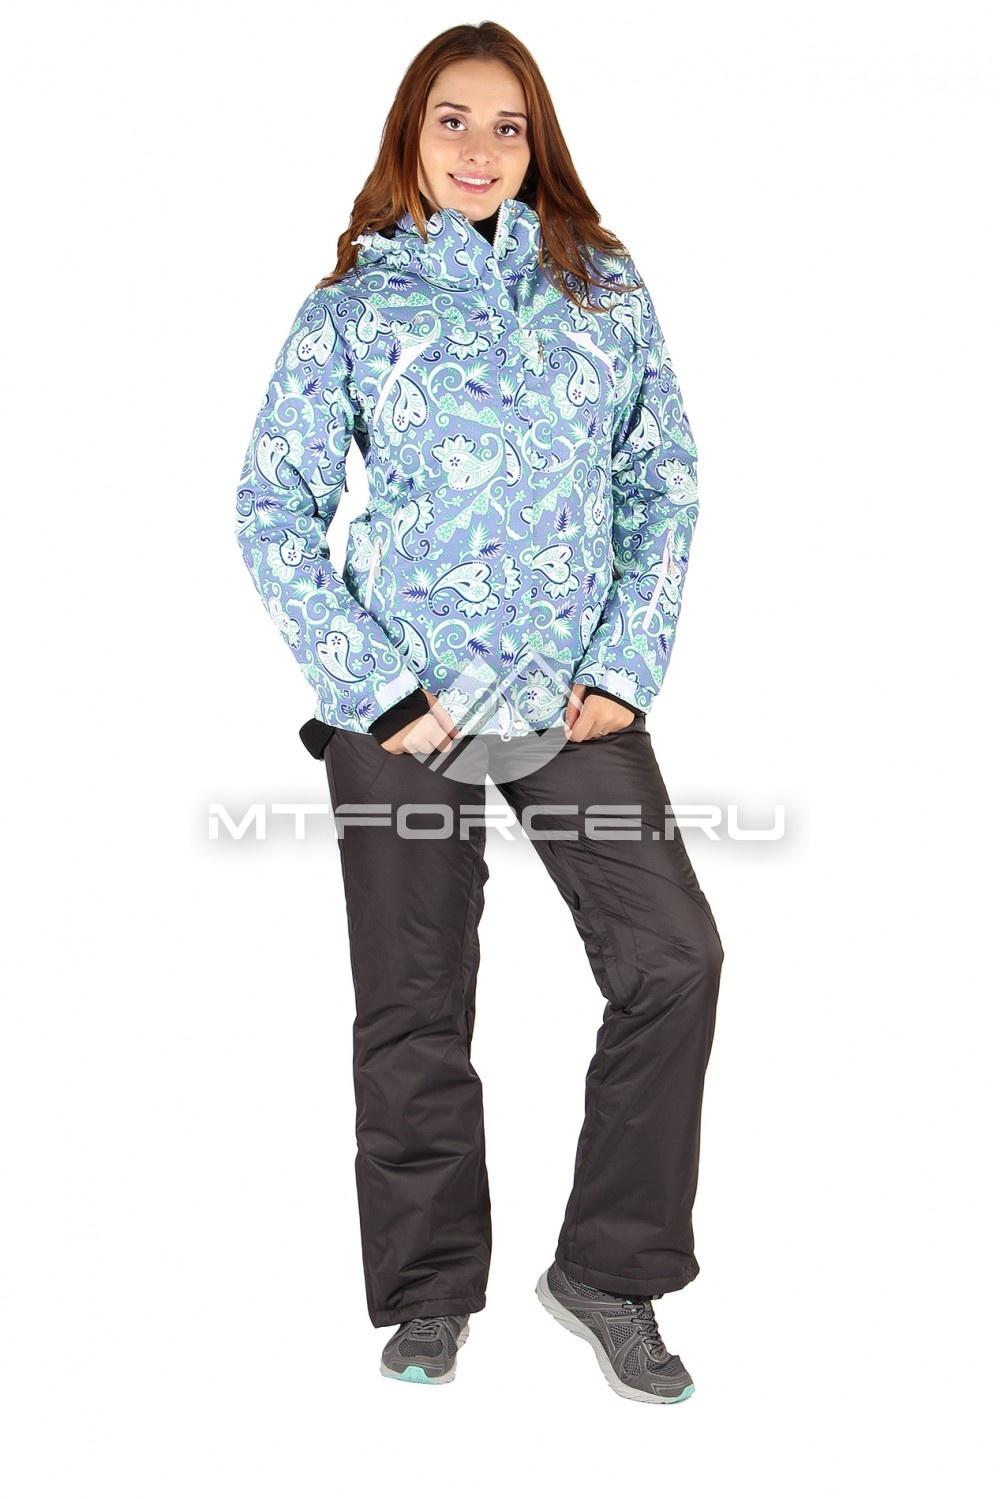 Купить                                  оптом Костюм горнолыжный женский бирюзового цвета 01433Br